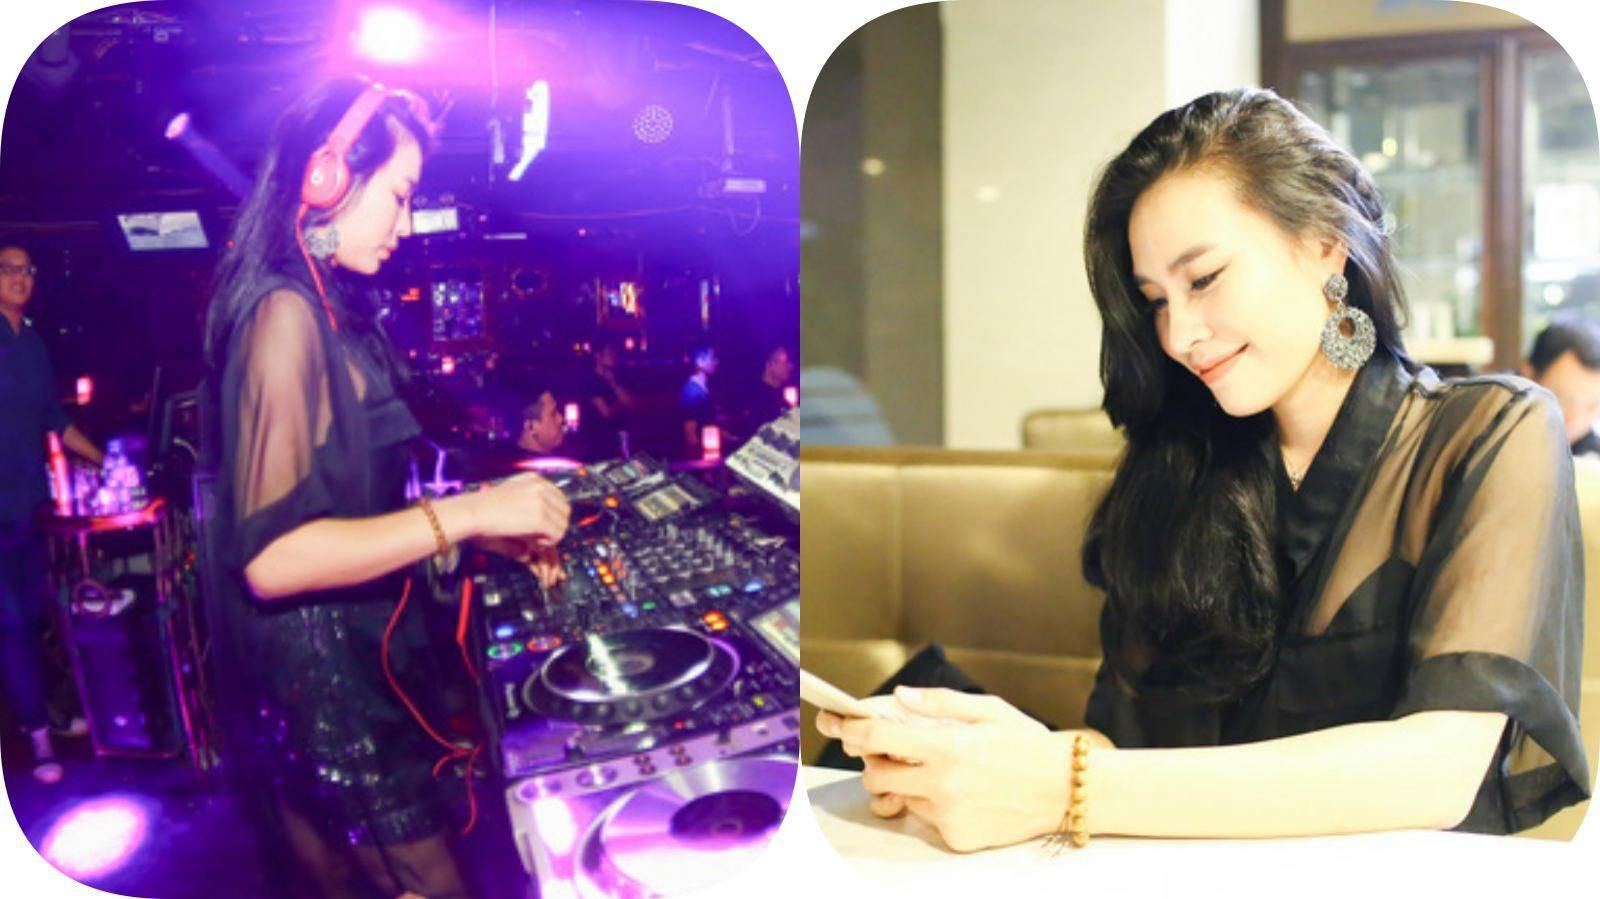 NữDJ làm mẹ đơn thân: DJ Tít nóng bỏng khiến fan nam khó rời mắt - 9